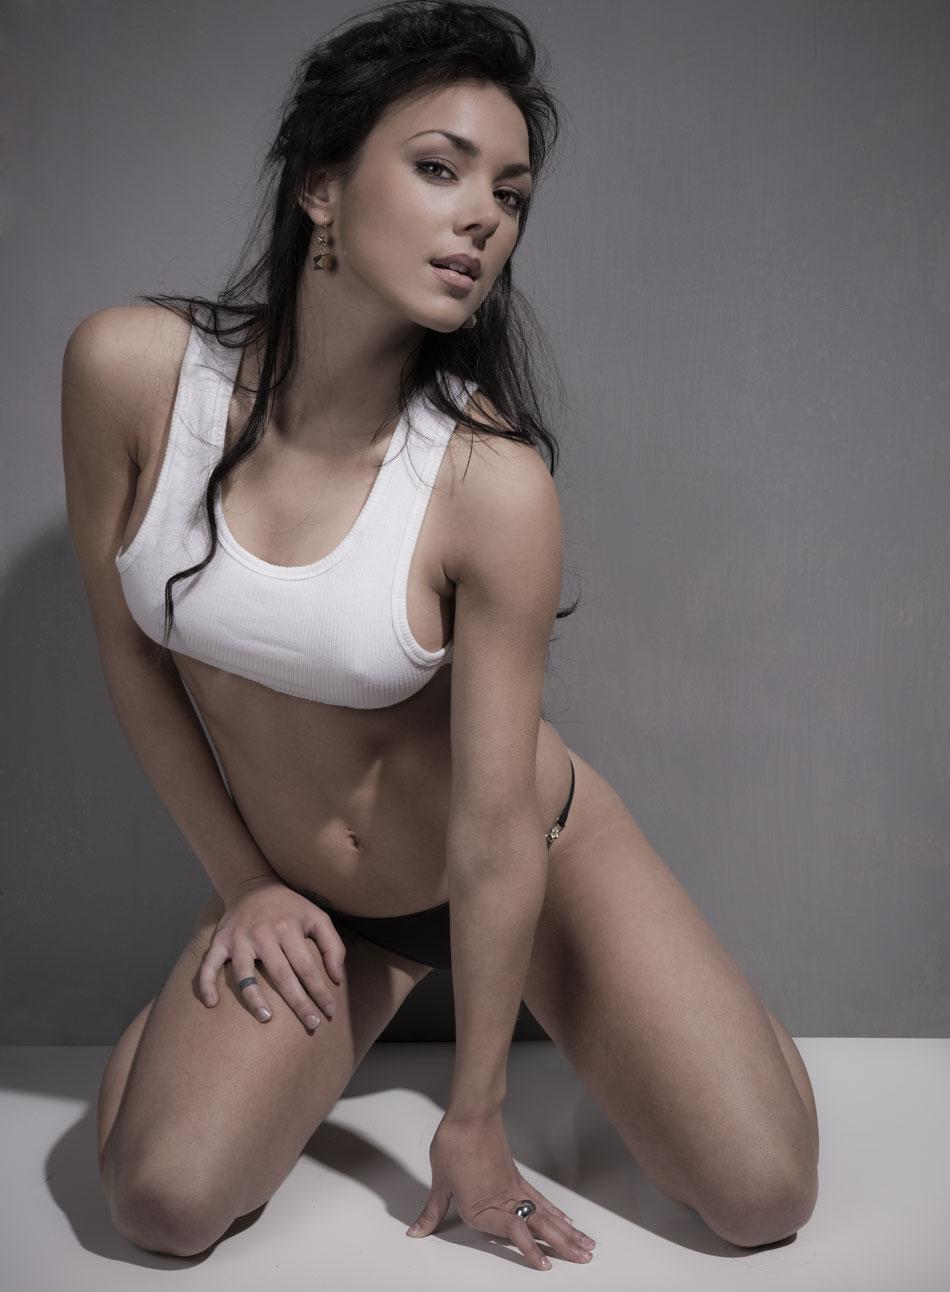 Lana Tailor Nude Photos 51